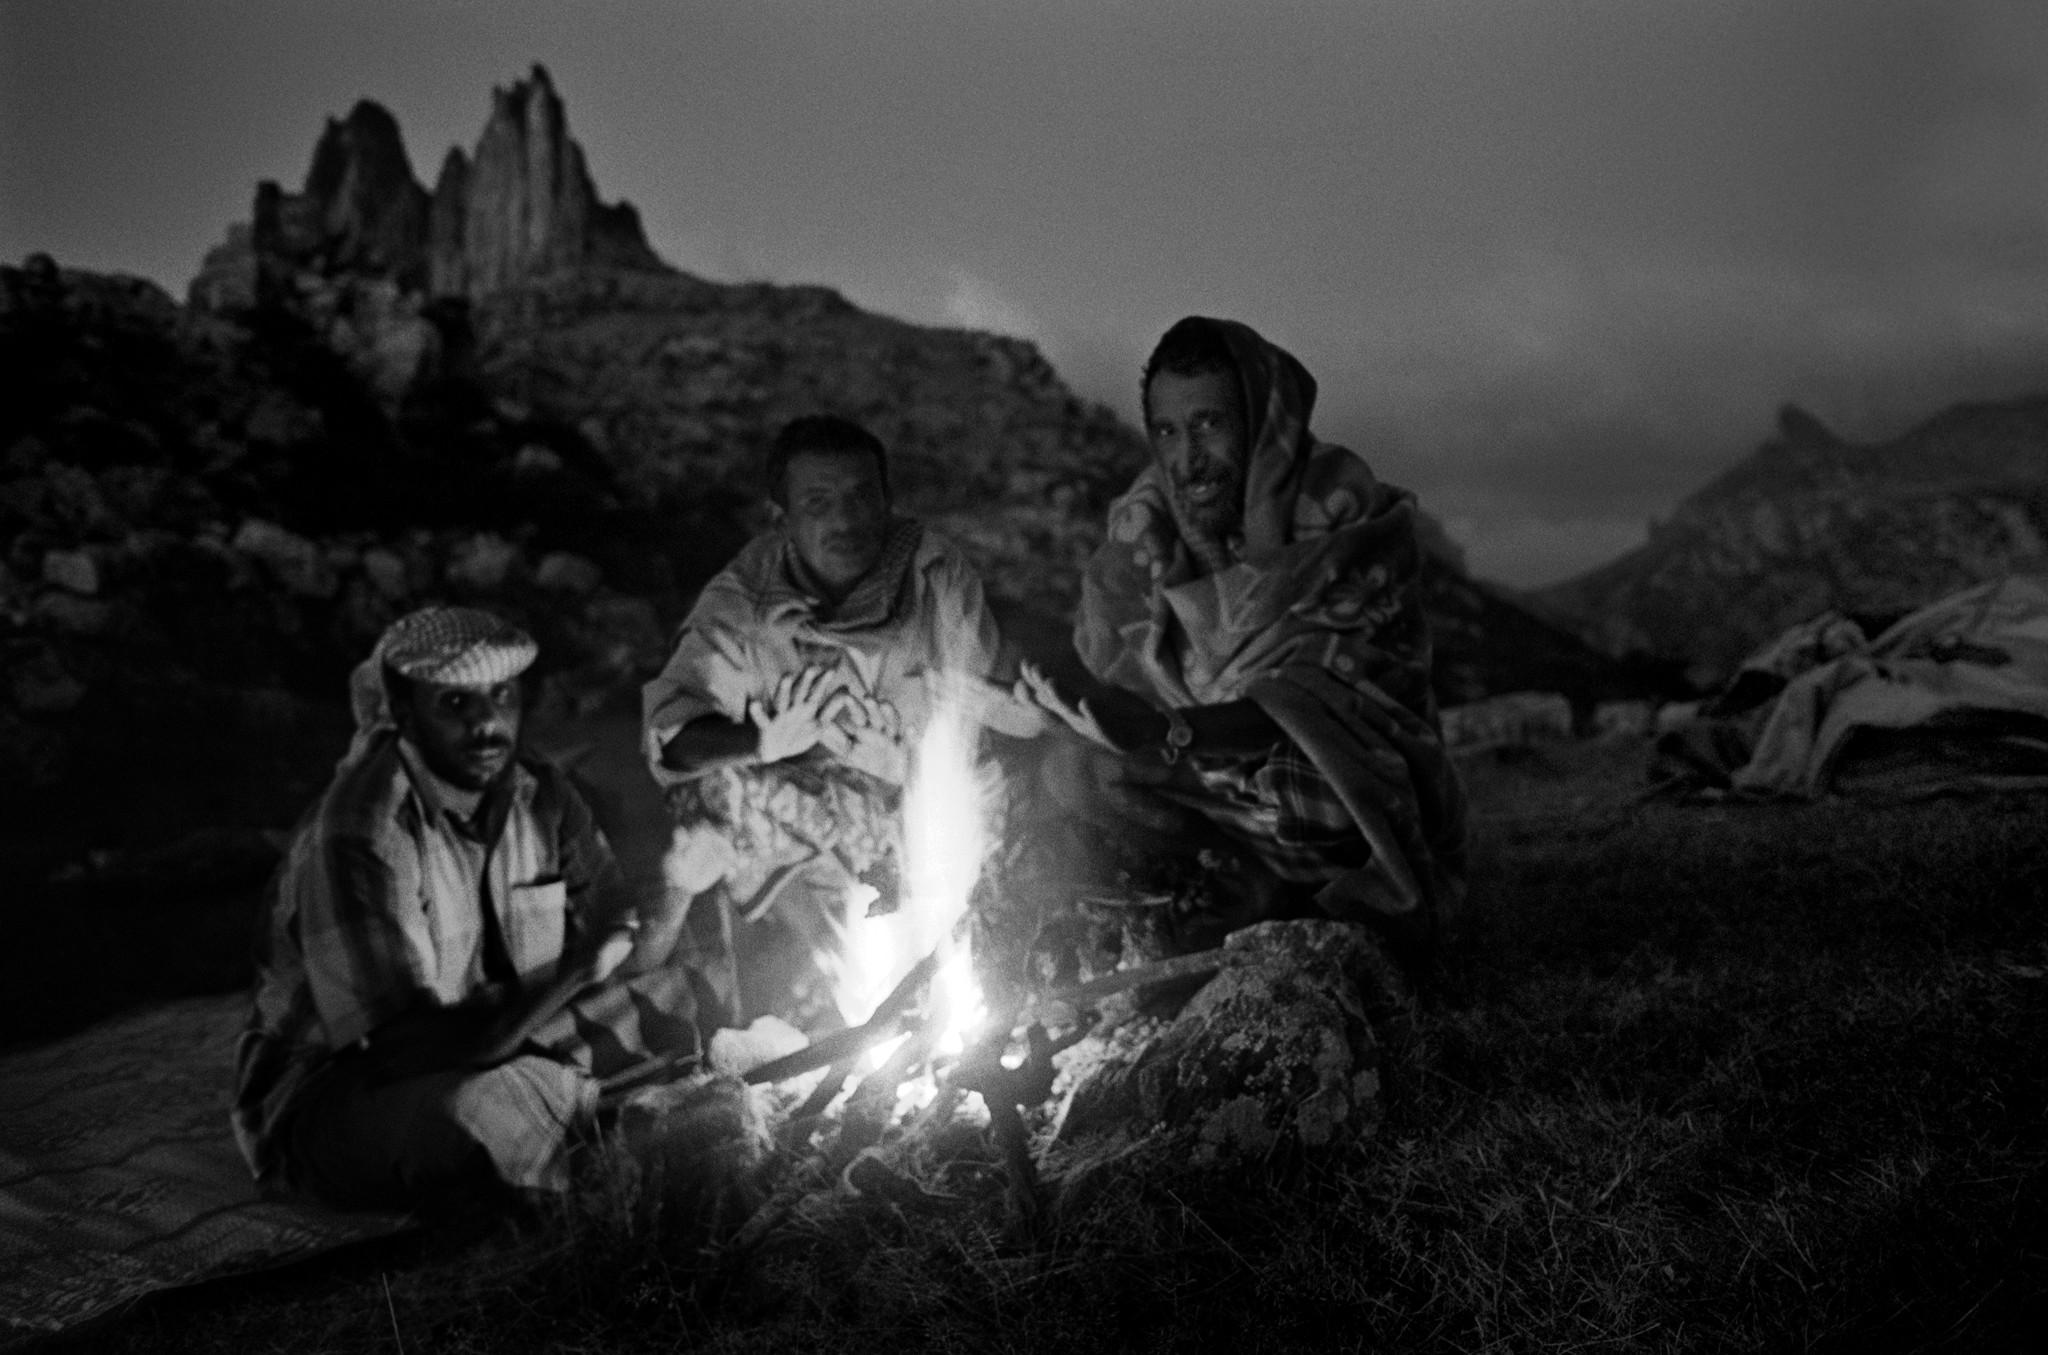 Sèrie: Socotra, l'illa dels genis. Conversa al voltant del foc